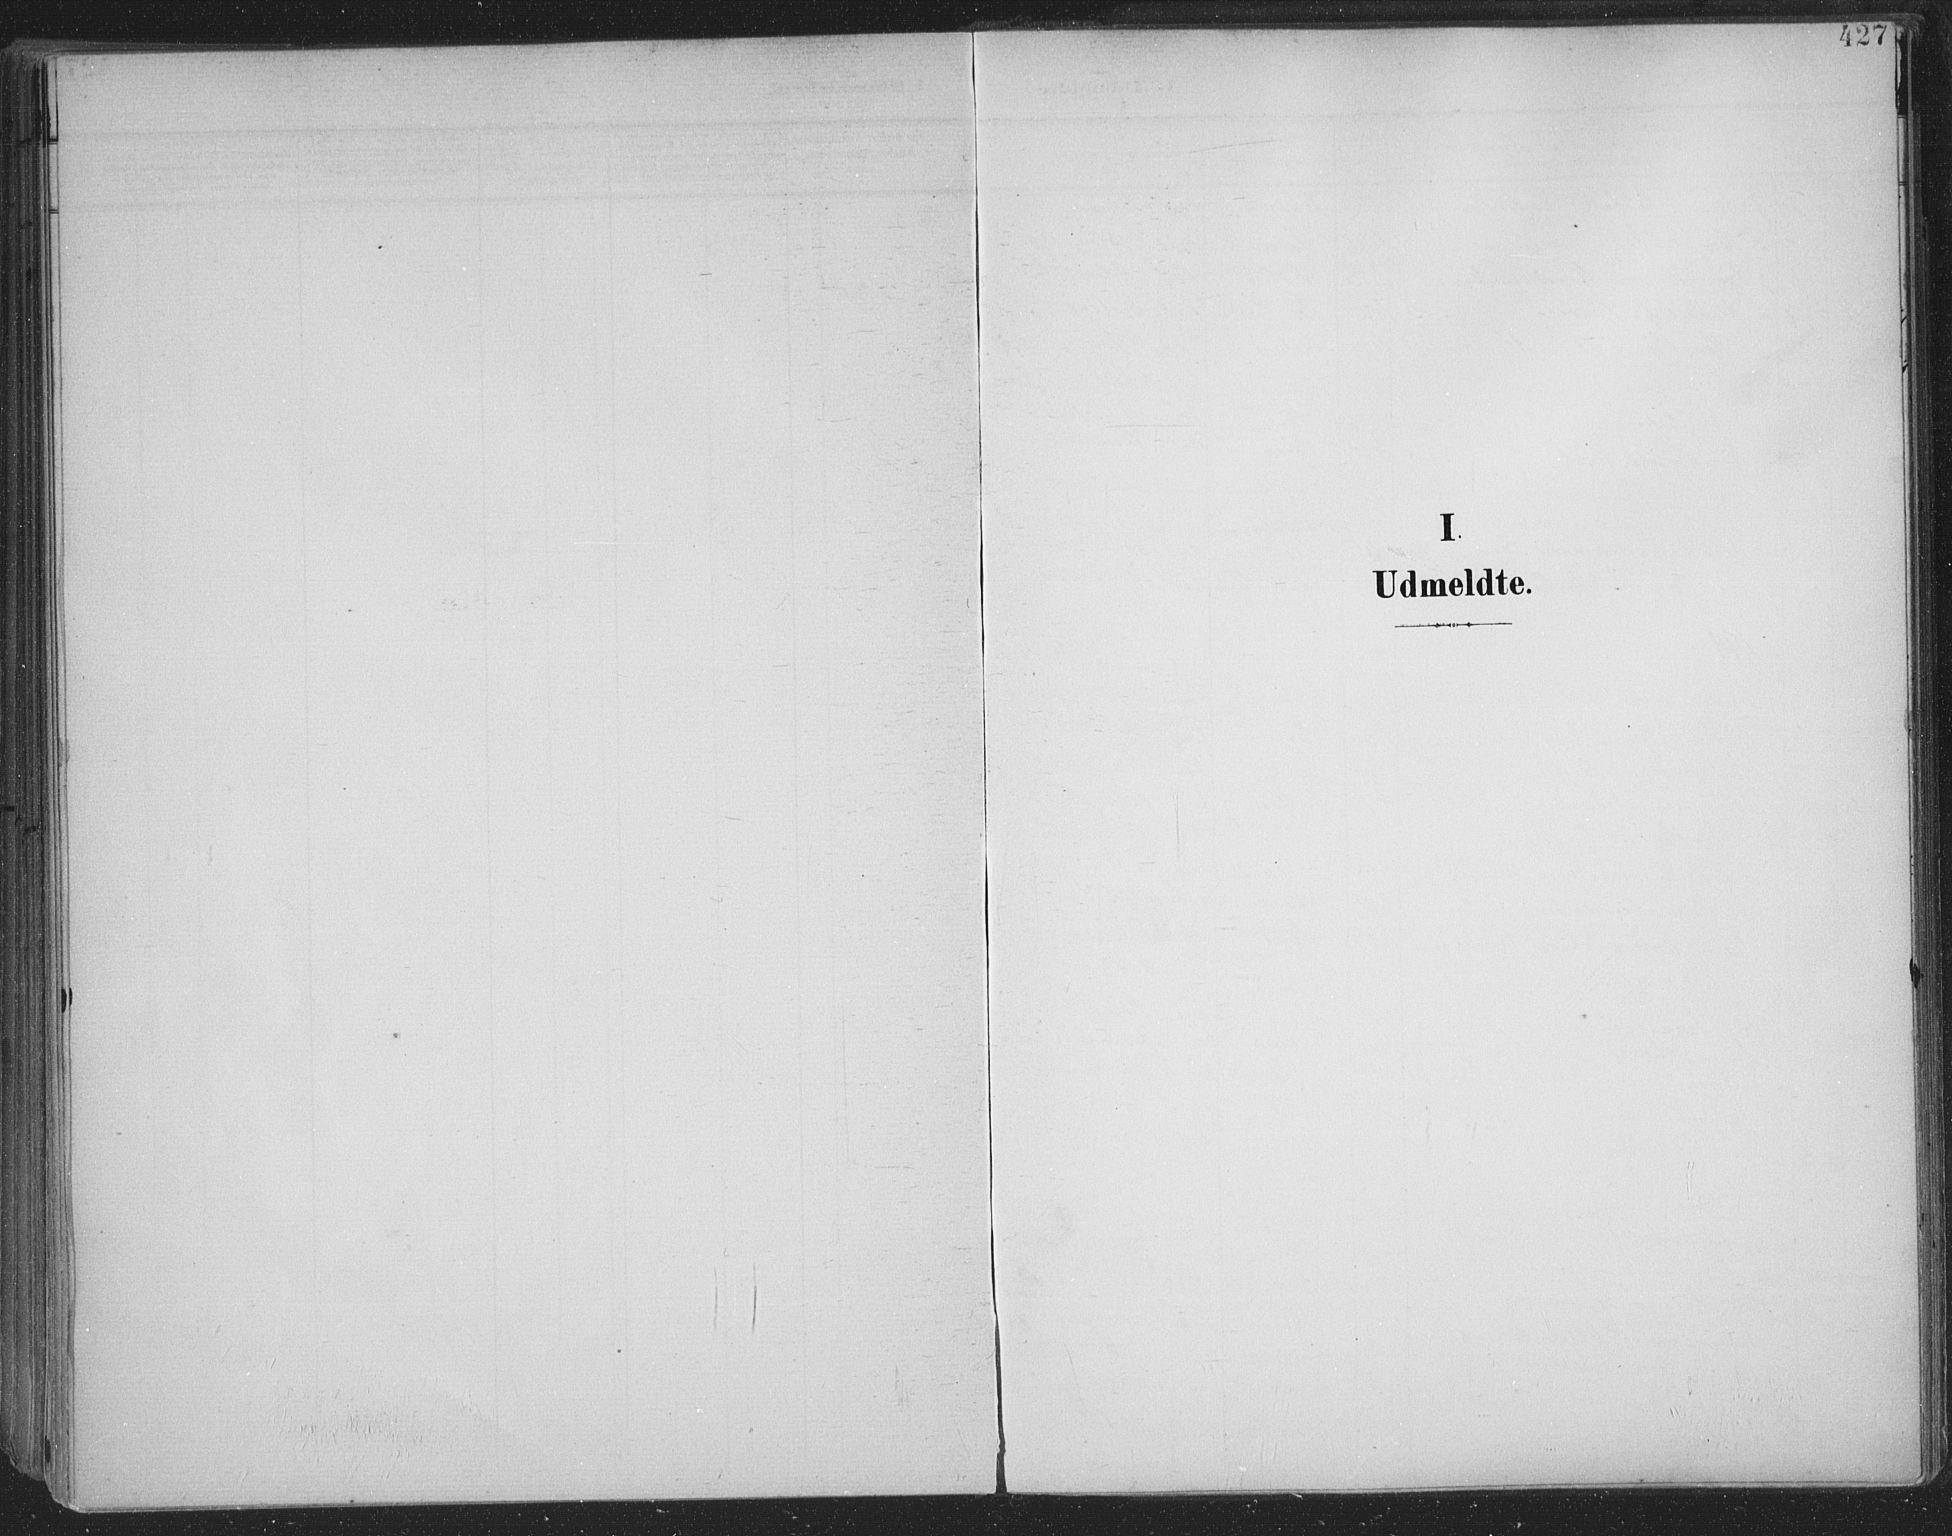 SAKO, Skien kirkebøker, F/Fa/L0011: Ministerialbok nr. 11, 1900-1907, s. 427